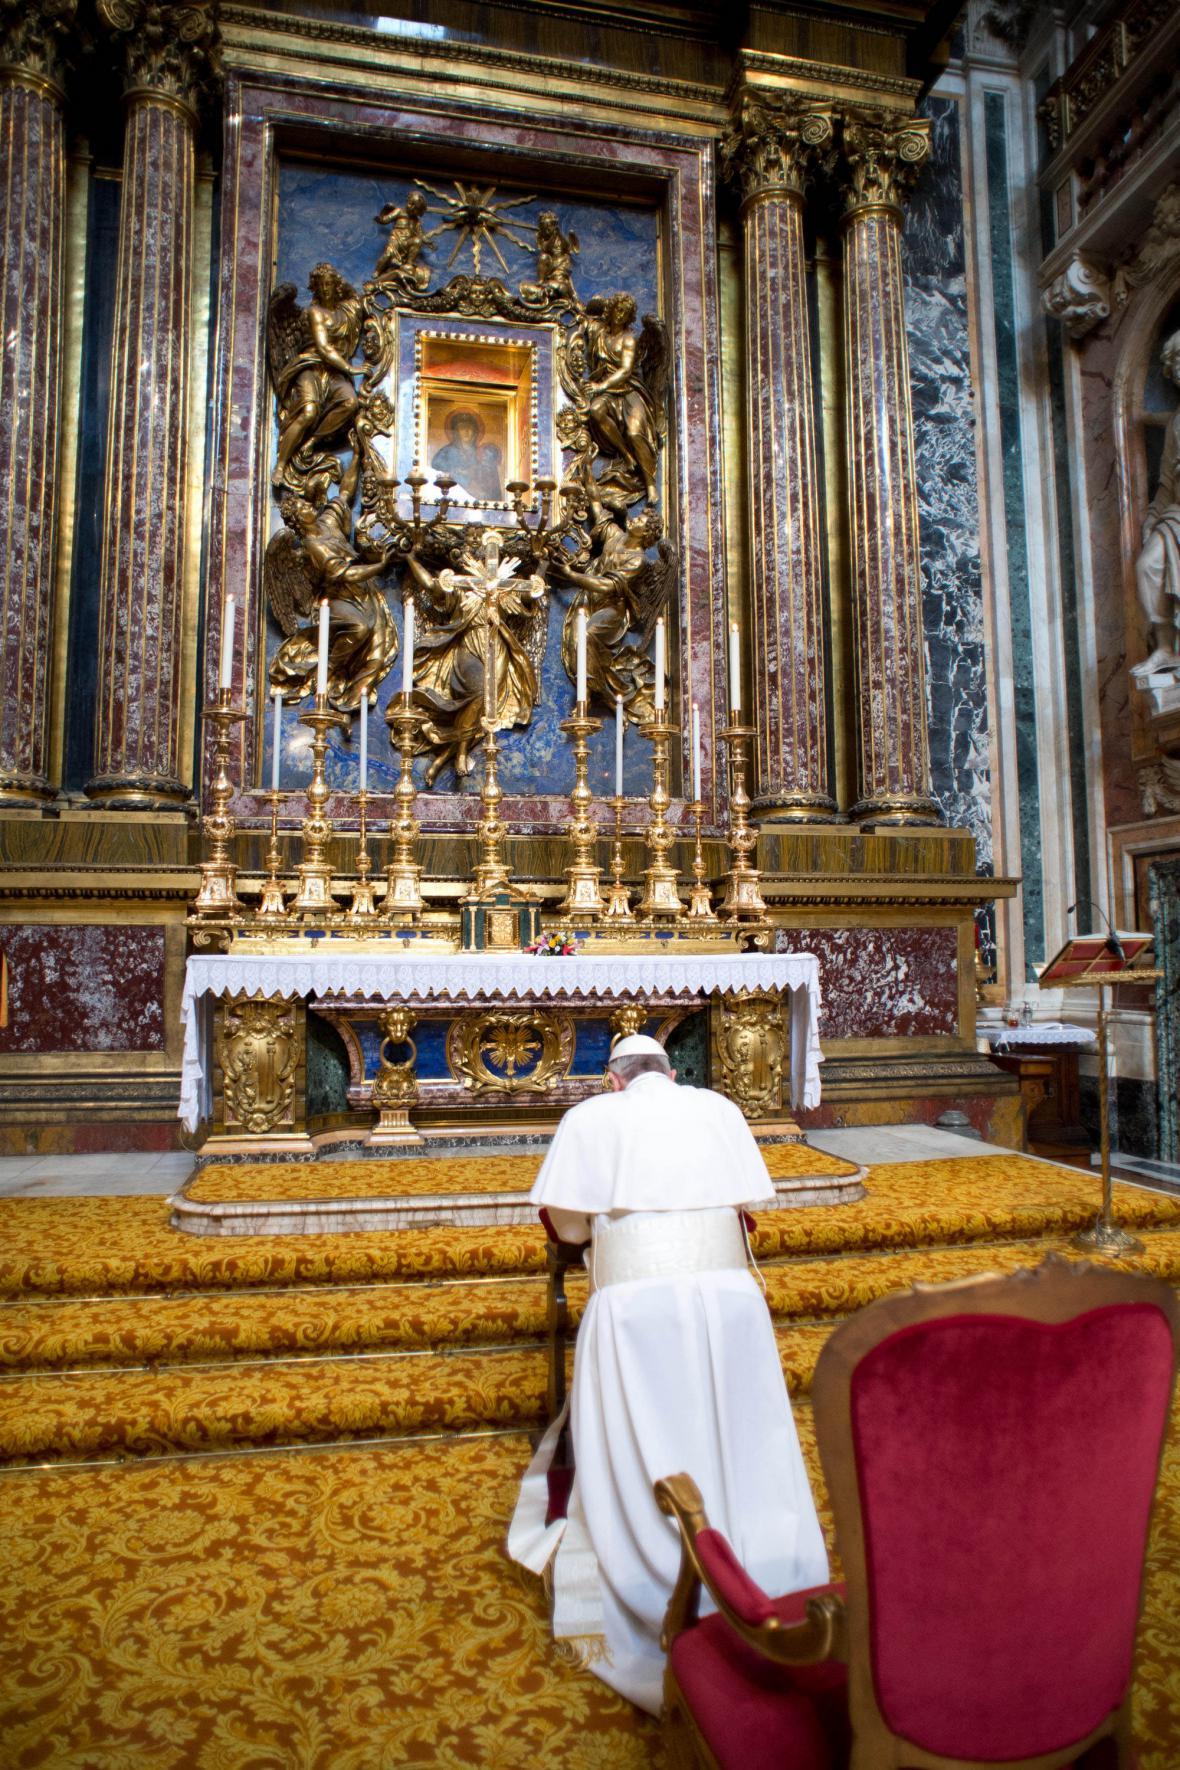 Papež František se modlí v bazilice Panny Marie Sněžné